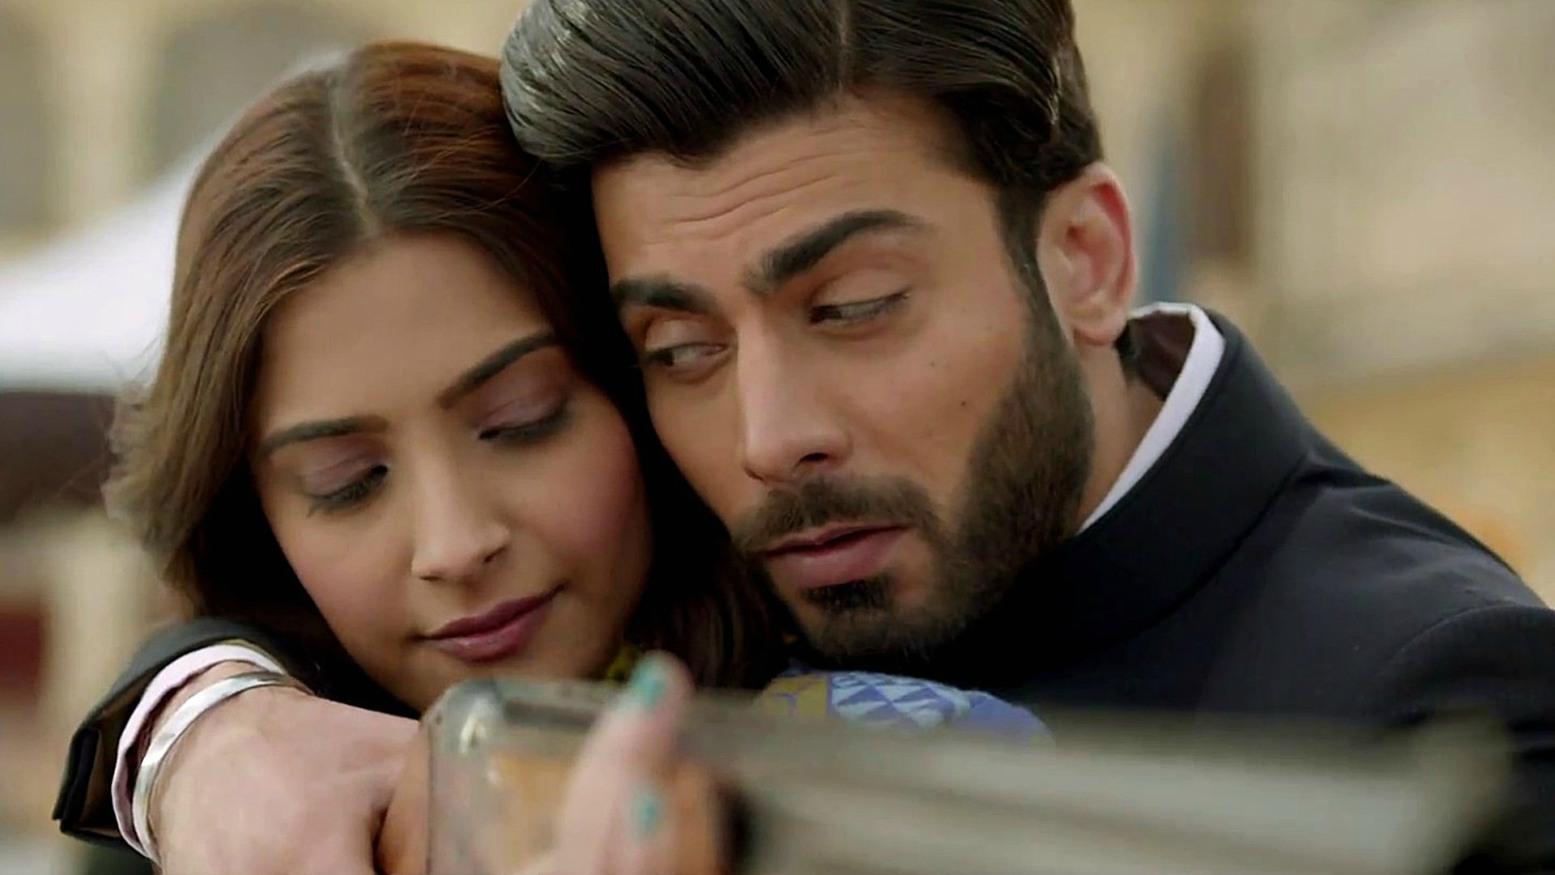 Fawad Khan and Sonam Kapoor in Khoobsurat (2014)